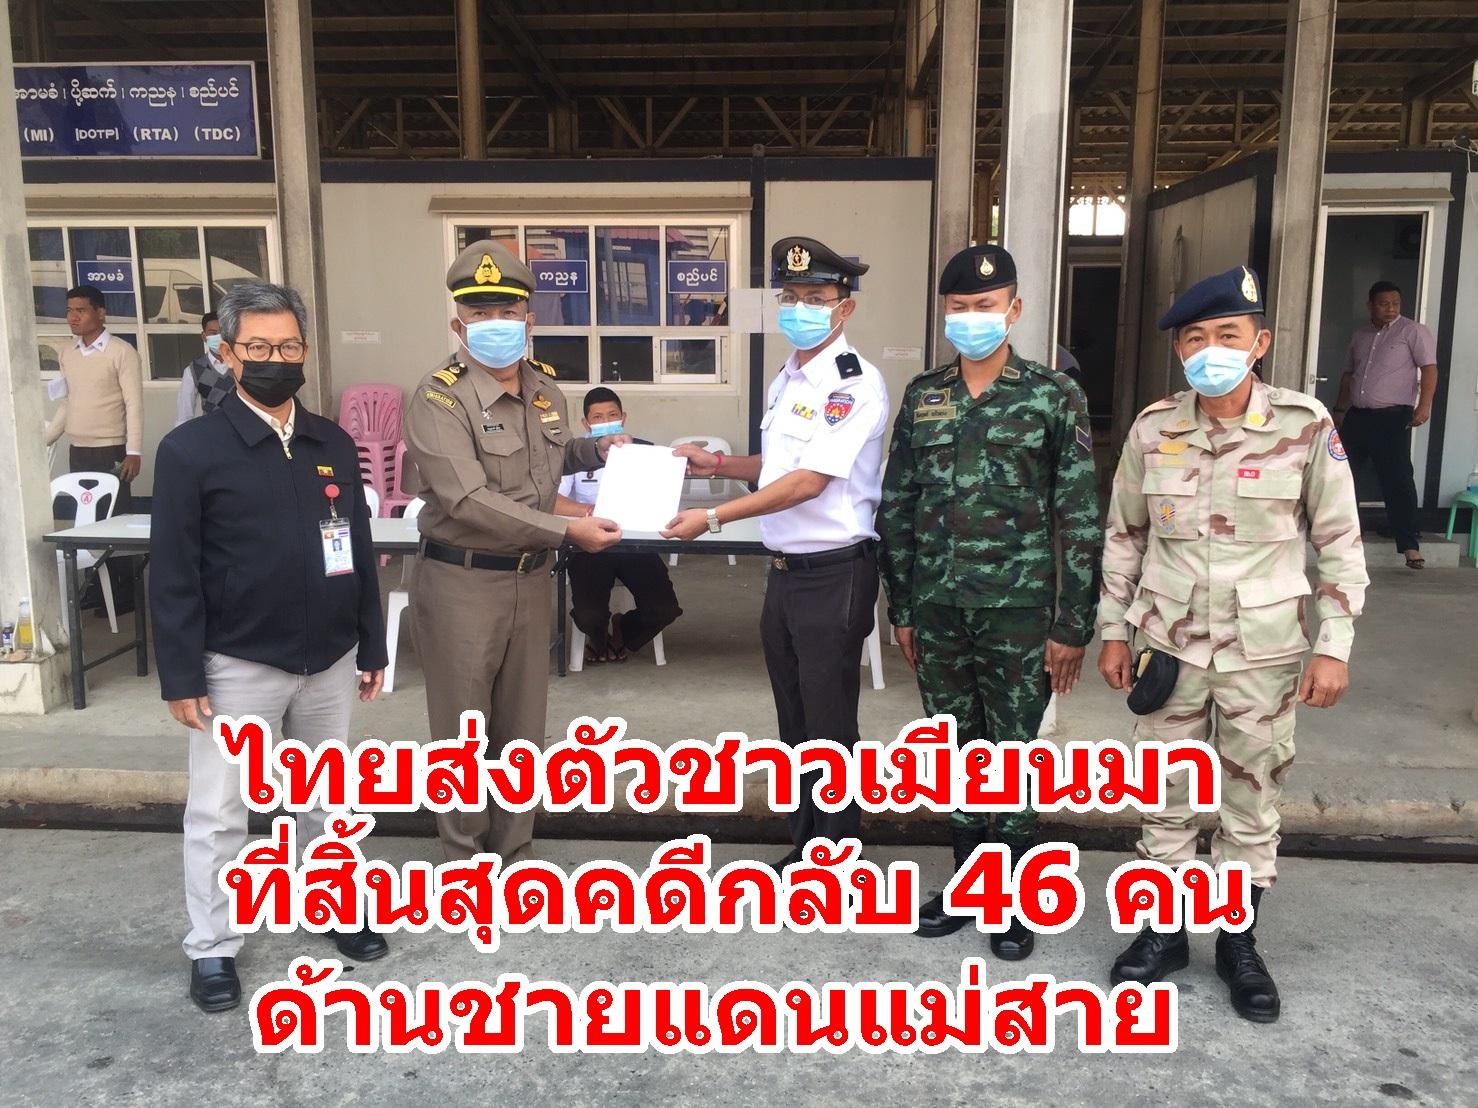 (คลิป) ไทยส่งตัวชาวเมียนมา ที่สิ้นสุดคดีกลับ 46 คน ด้านชายแดนแม่สาย